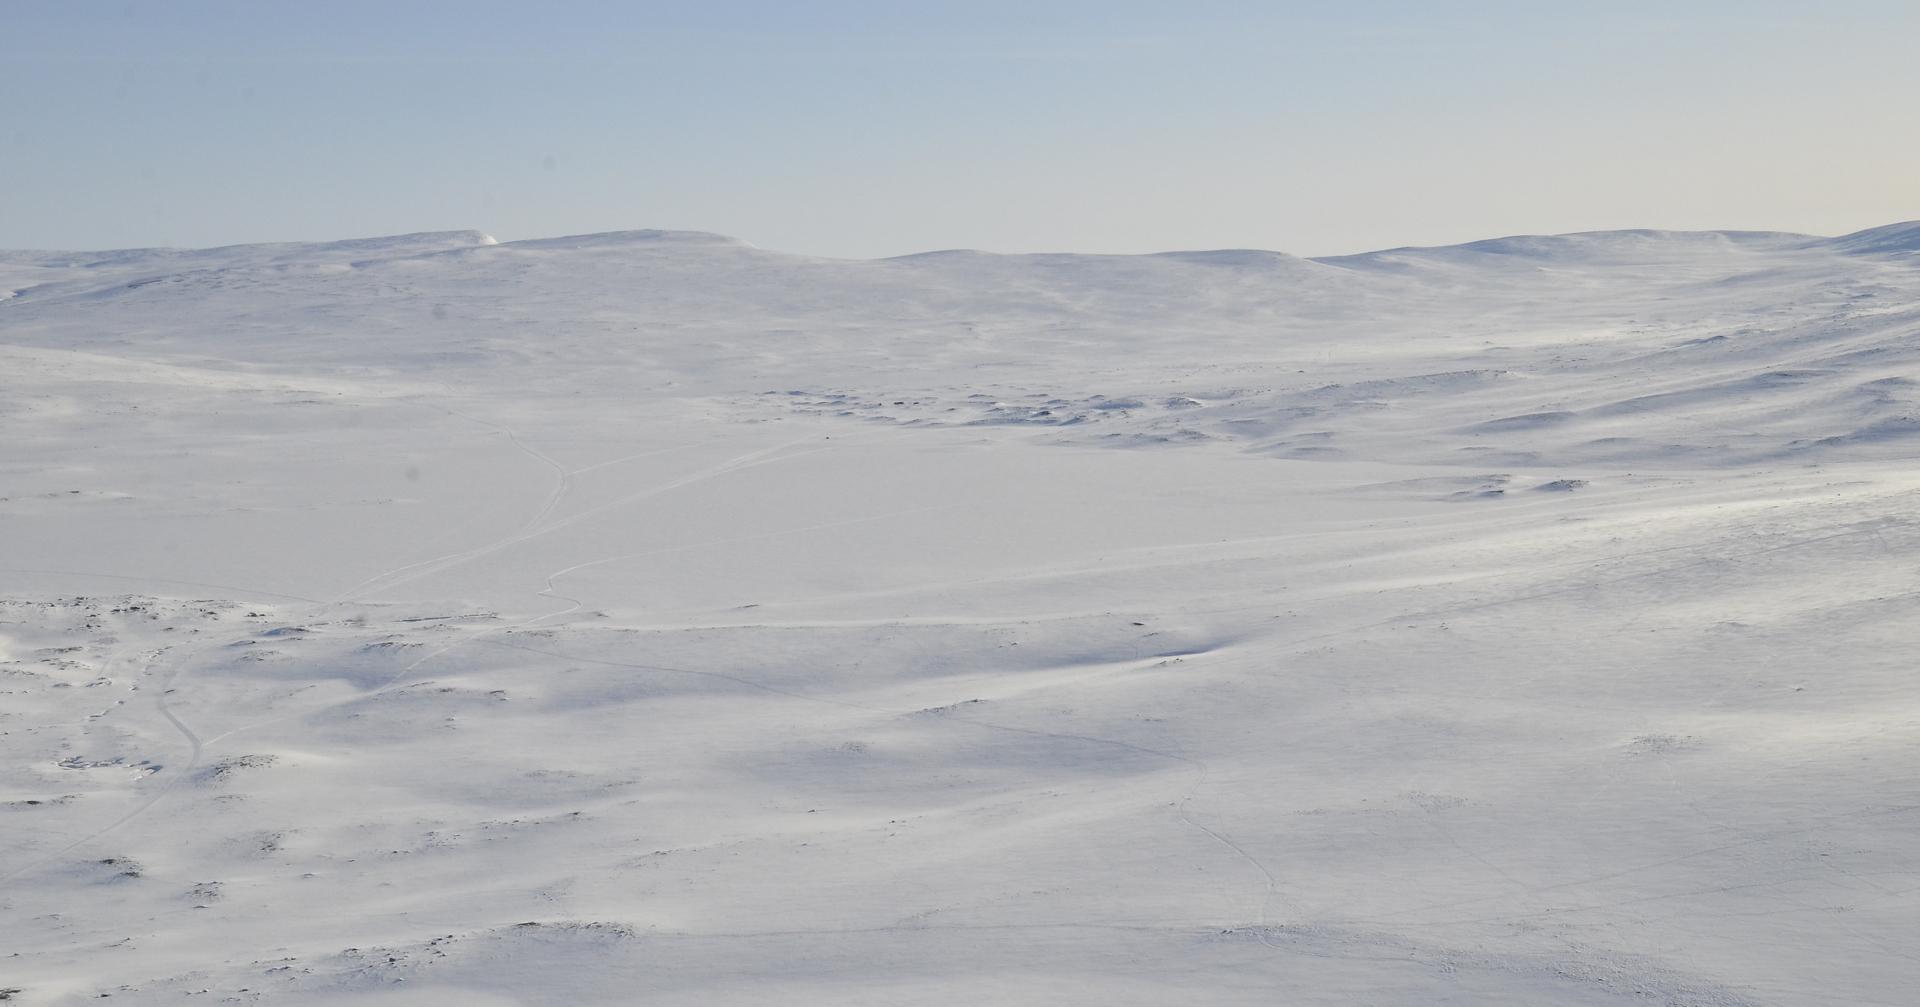 Saarijärvi joka pääosin Norjan puolella ja siksi kierrettävä tuolta oikean kautta.